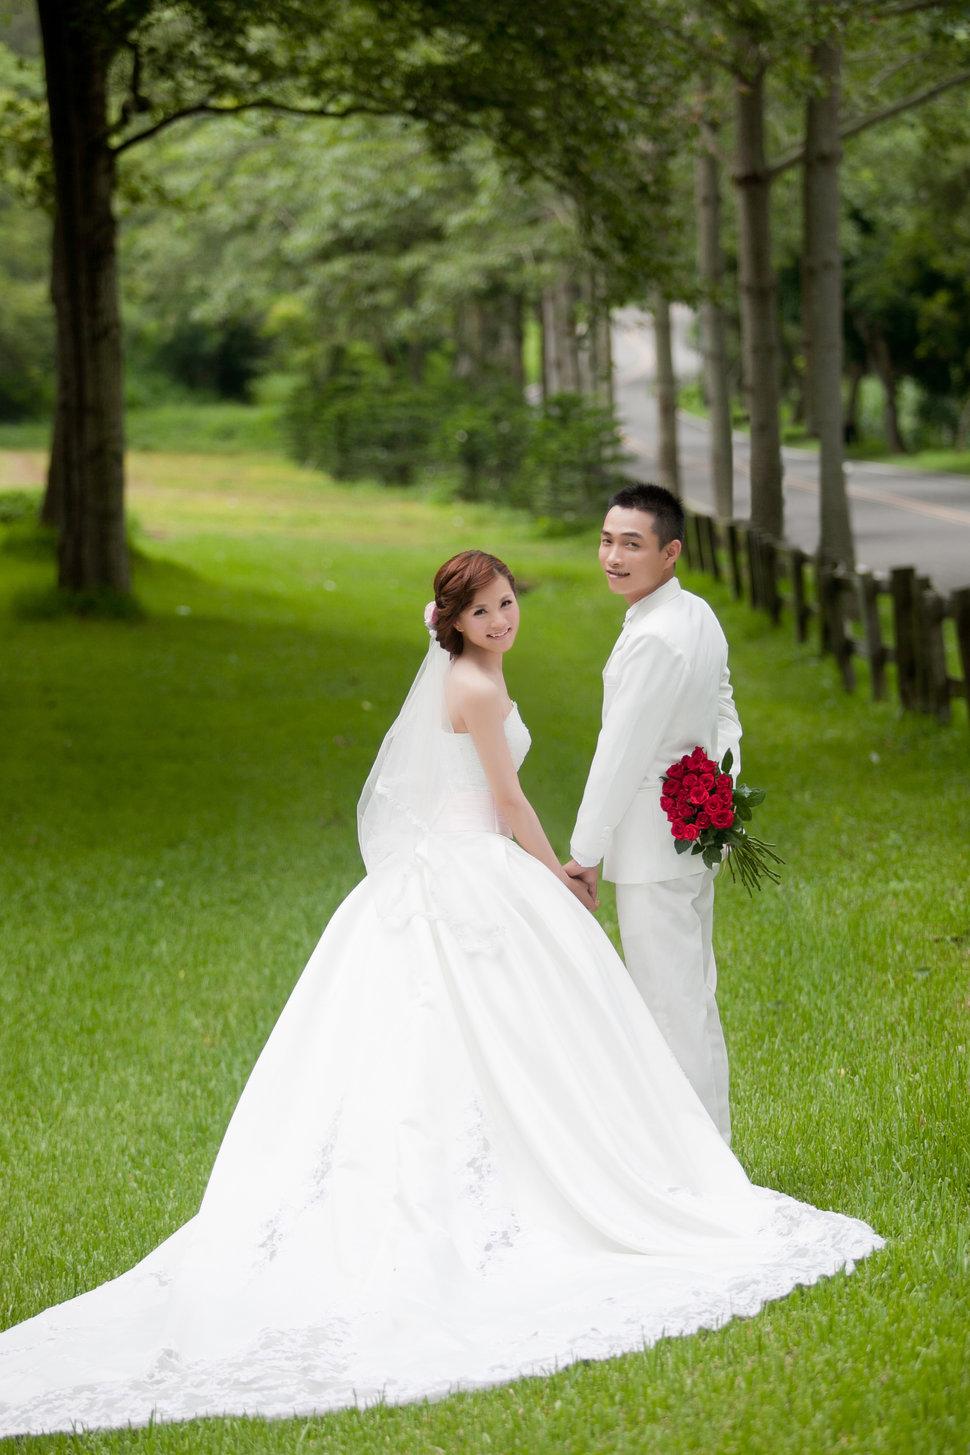 殷sir100-76 - 台中2號出口婚紗攝影工作室 - 結婚吧